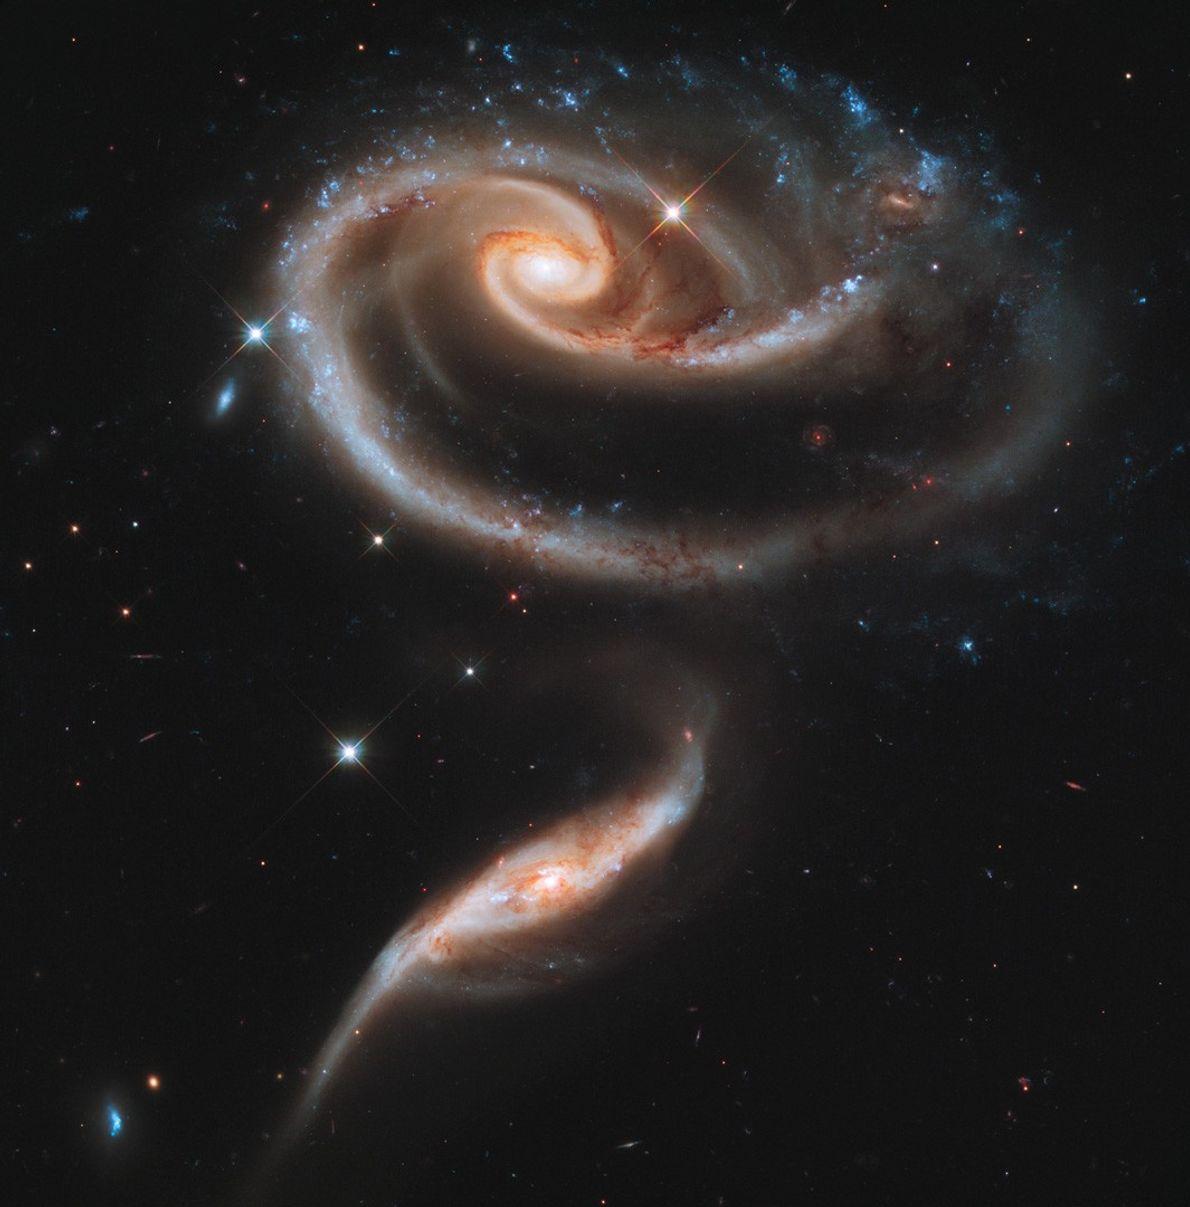 La interacción de sus fuerzas gravitatorias inclina dos galaxias espirales, conocidas como Arp 273, a medida ...